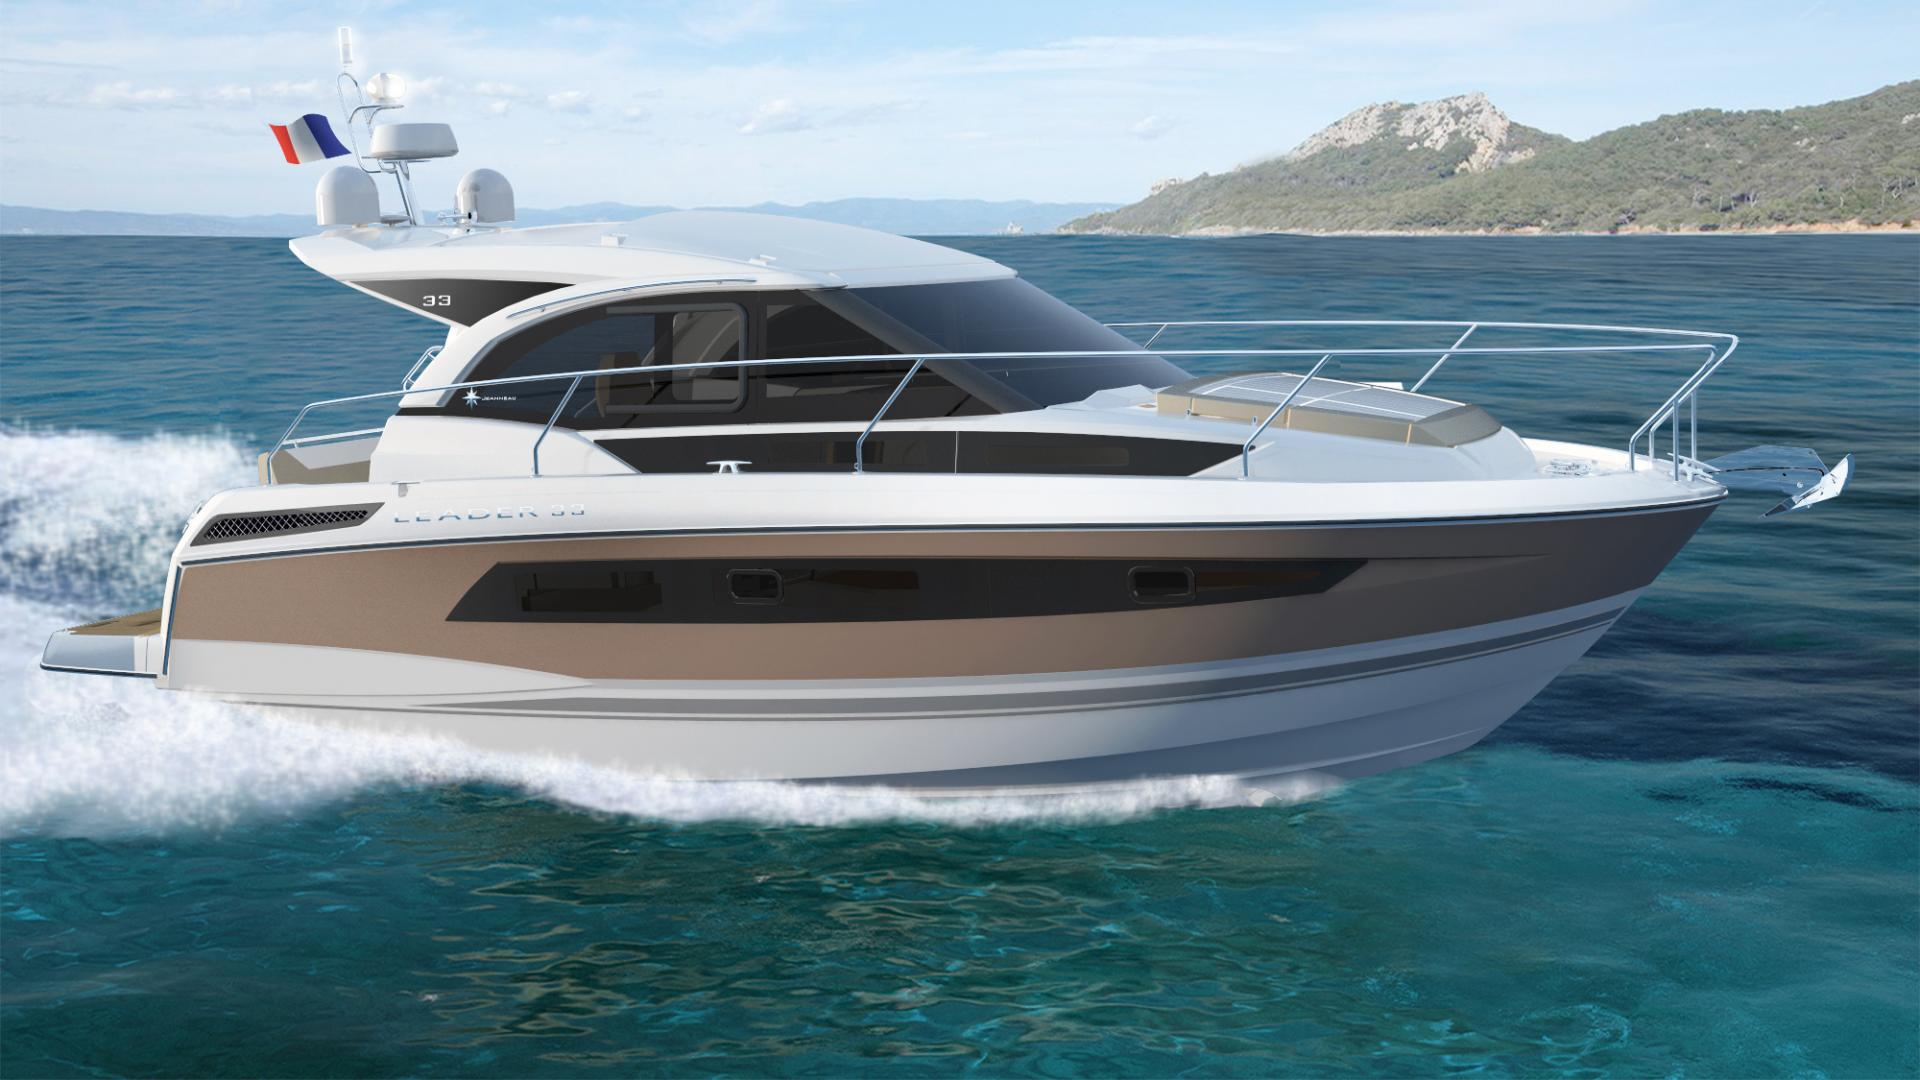 bateau  Leader 33